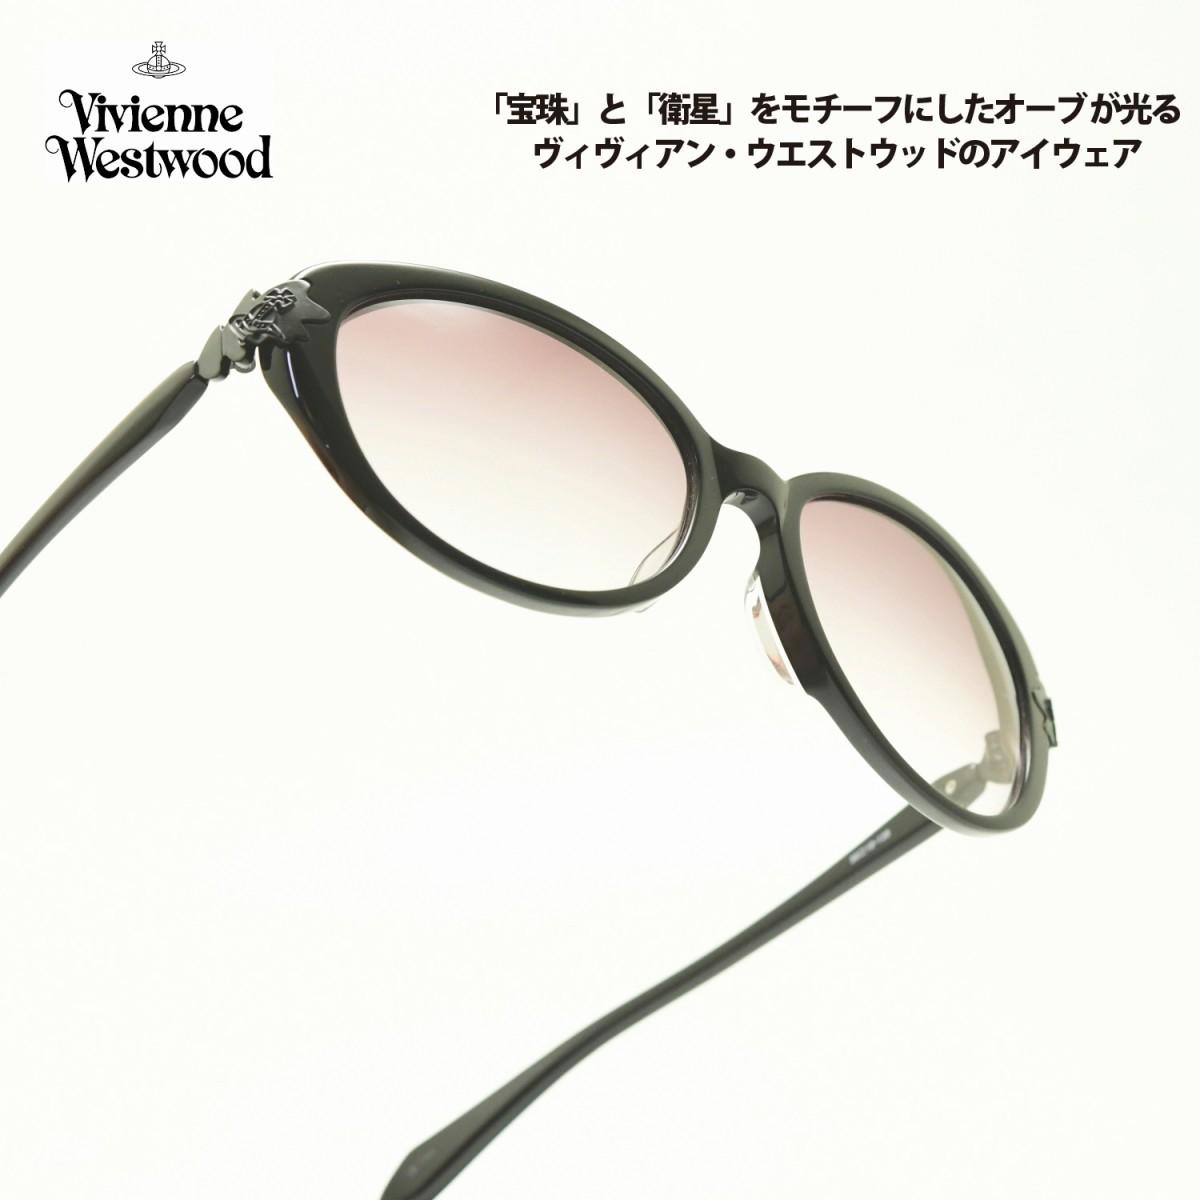 Vivienne Westwood ヴィヴィアンウエストウッドVW-7764 BKアウトレット商品になります